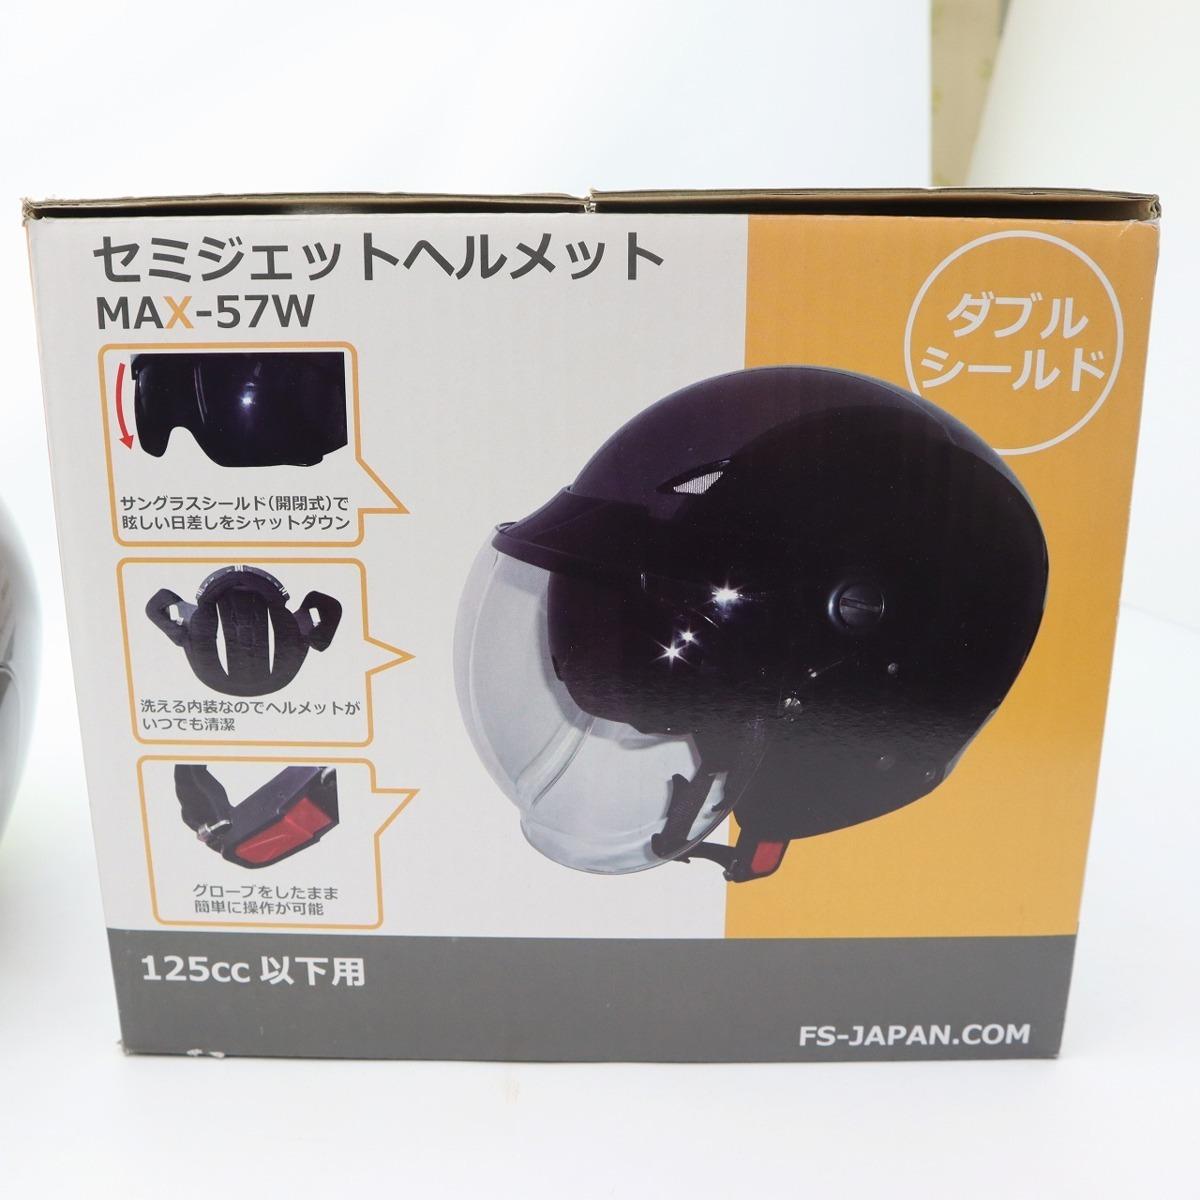 未使用品★石野商会 MAX-57W セミジェットヘルメット フリーサイズ ブラウン/アイボリーカラー 200402UD0007_画像2